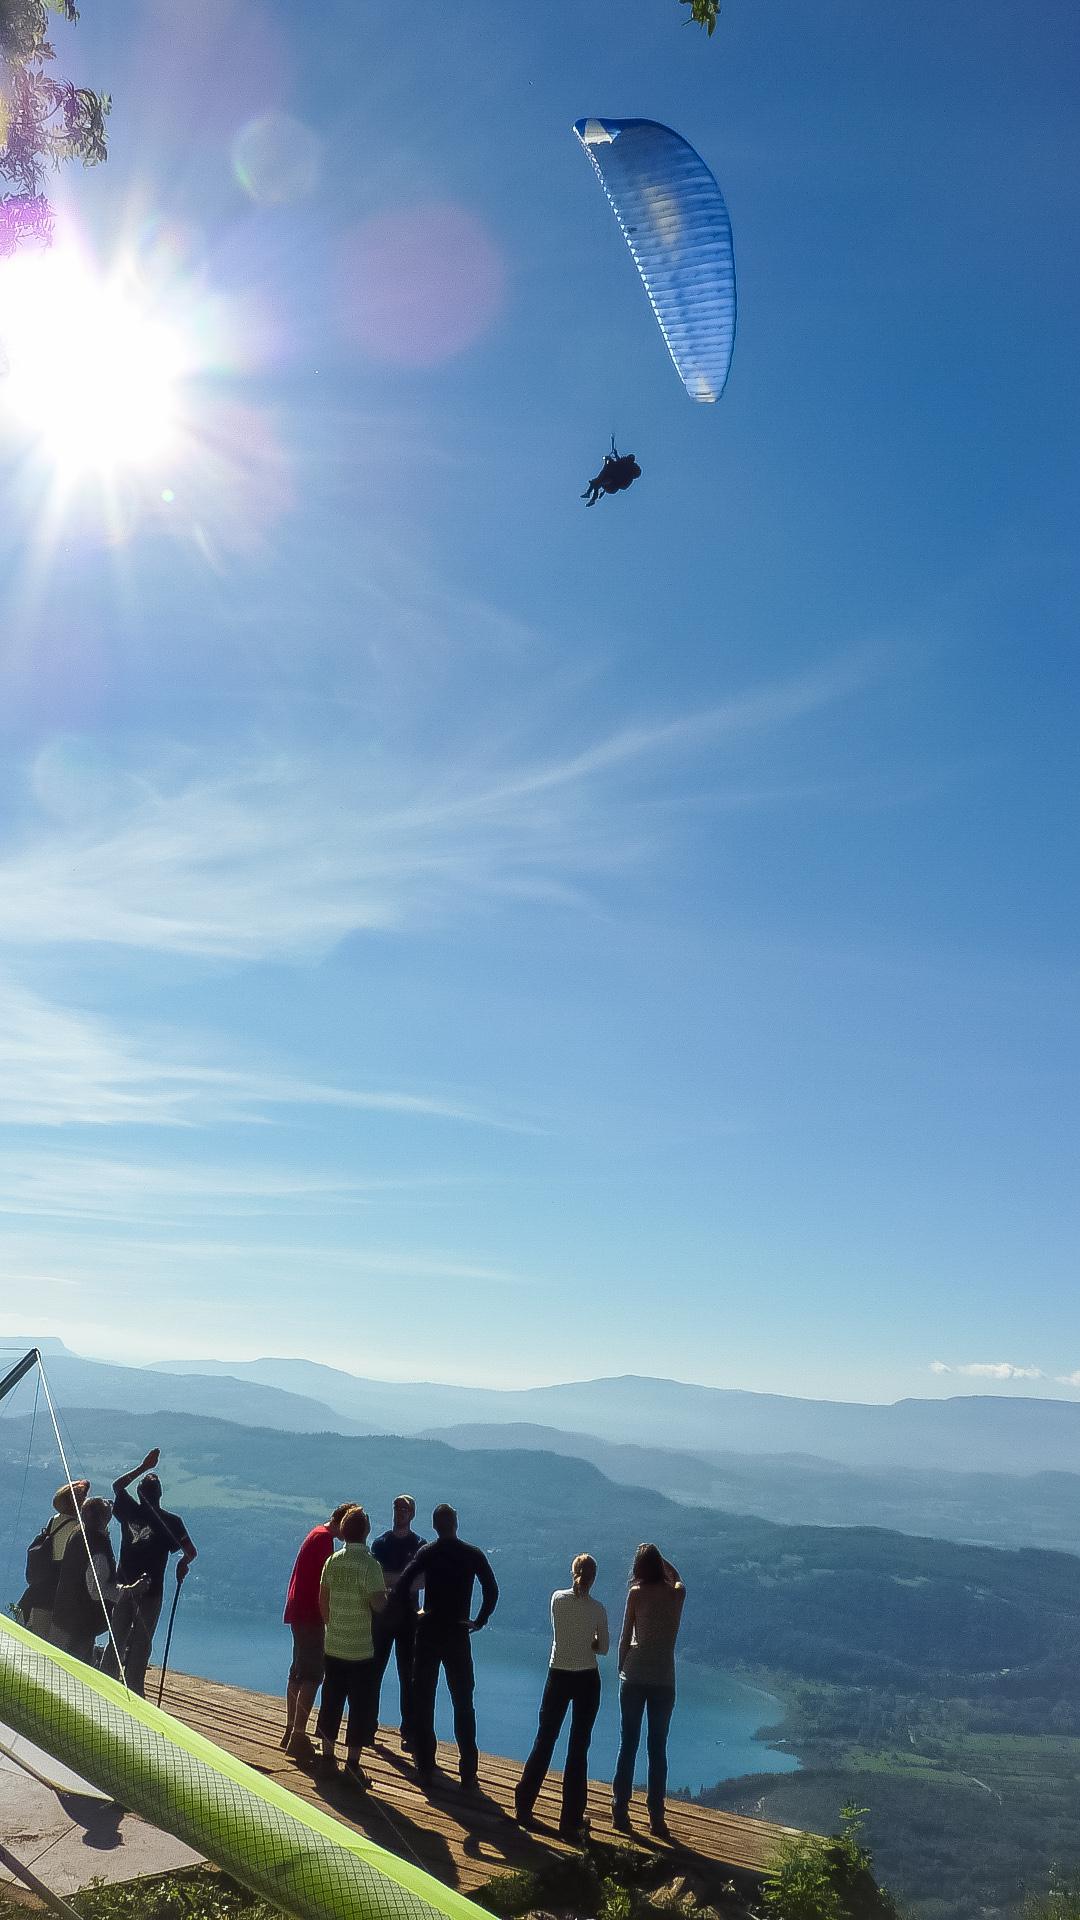 Foto van deltavliegstart met parapente